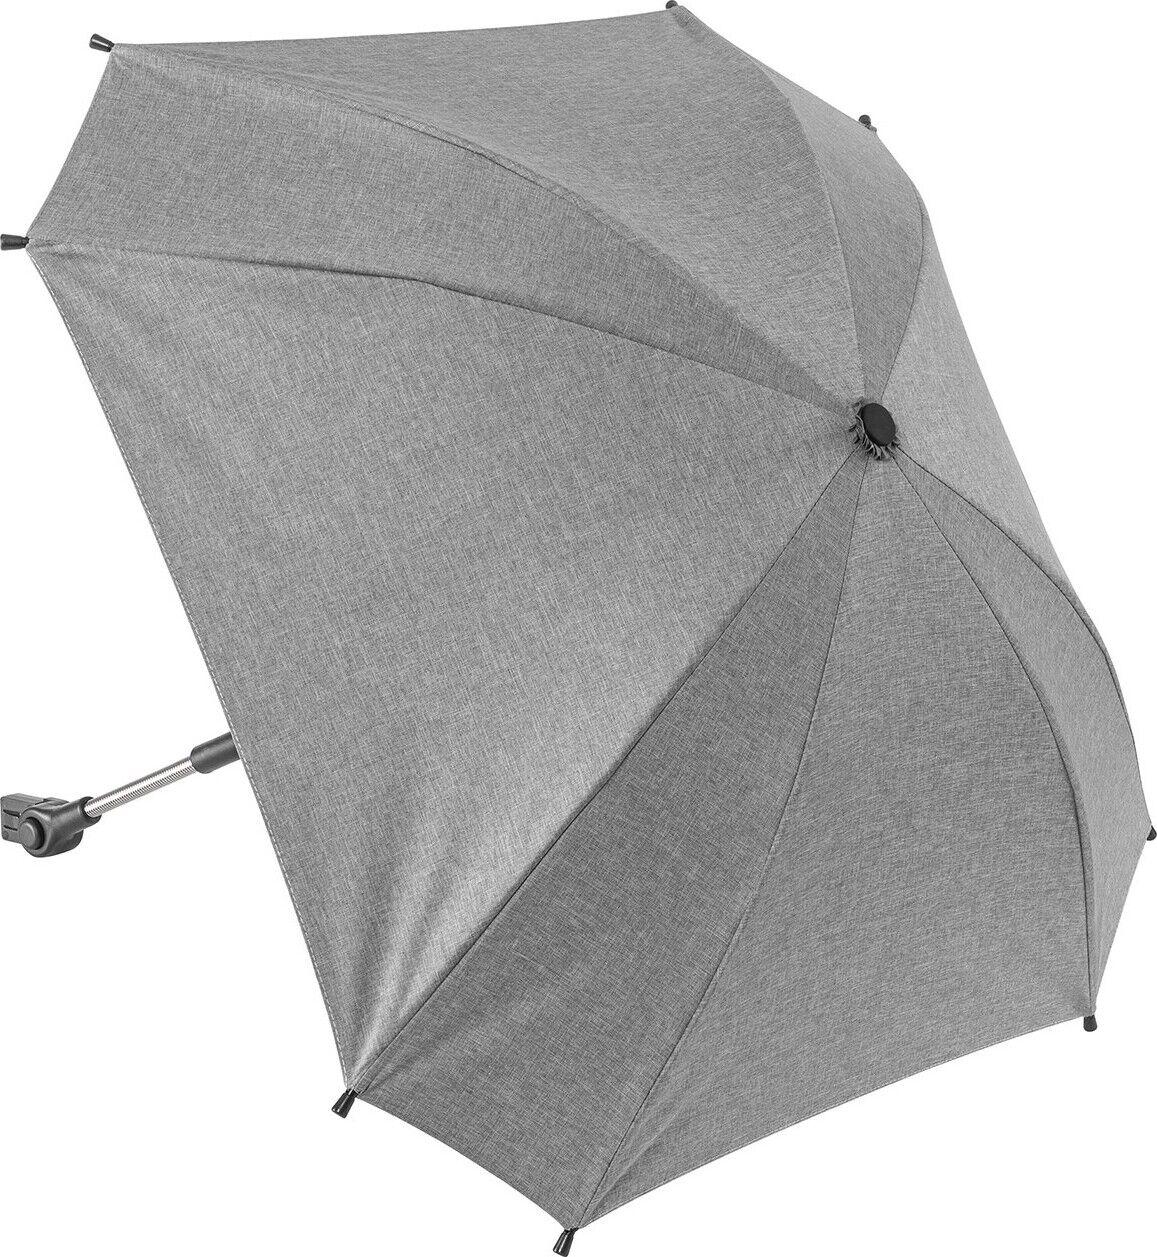 Parasol Til Klapvogn - Grå - Reer